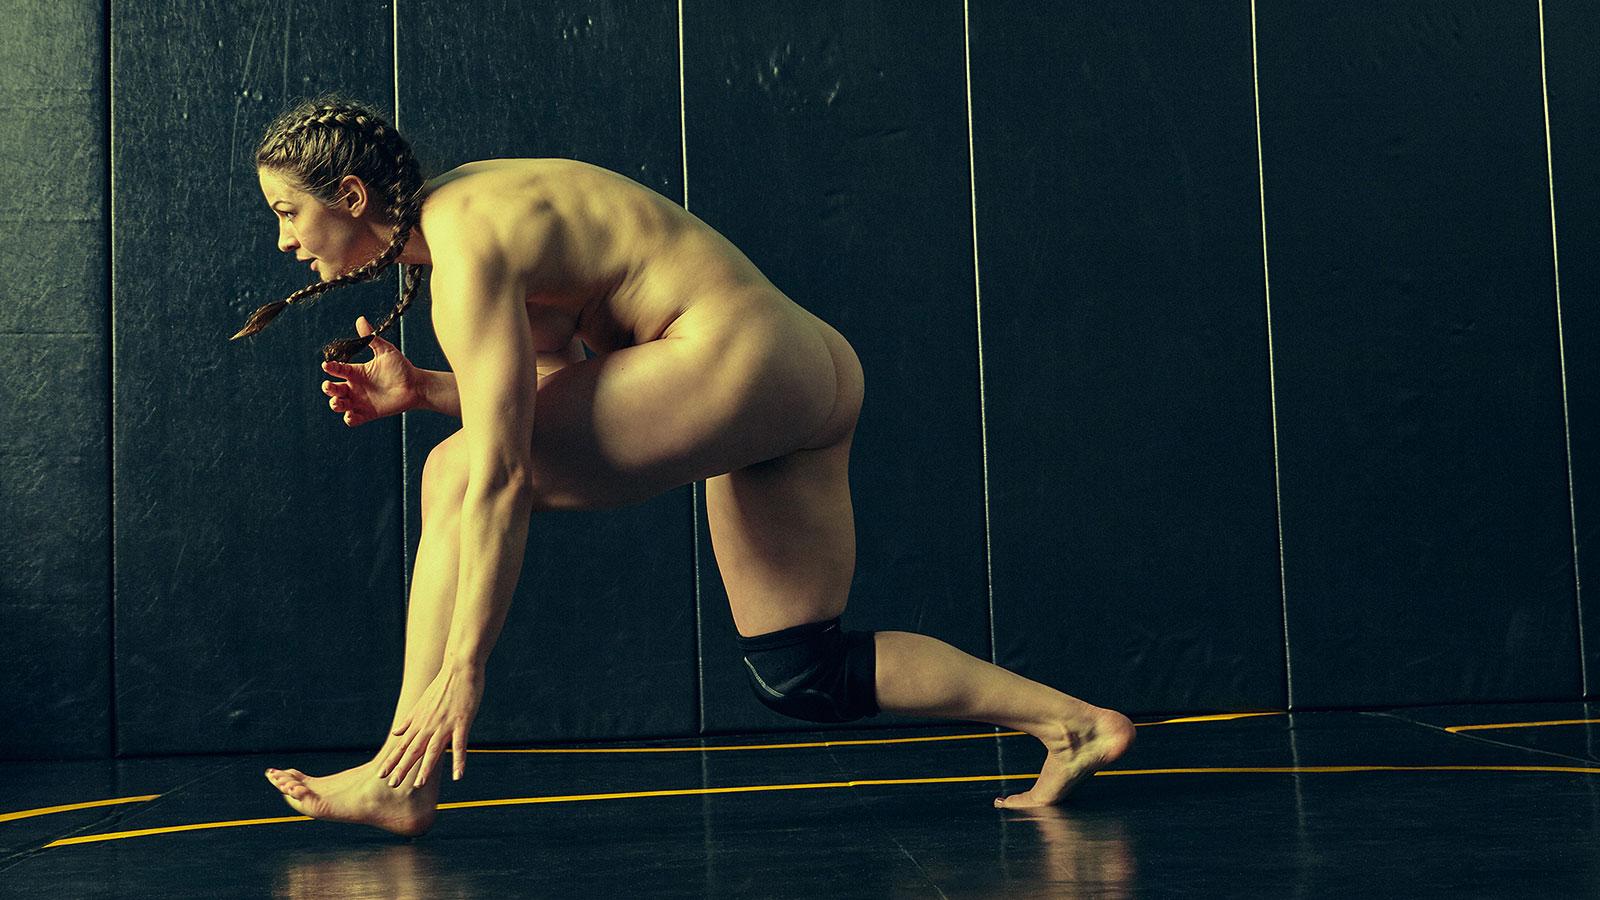 Adeline Gray. В ежегодной фотосессии Body Issue для журнала ESPN приняли участие 20 известных спортсменов